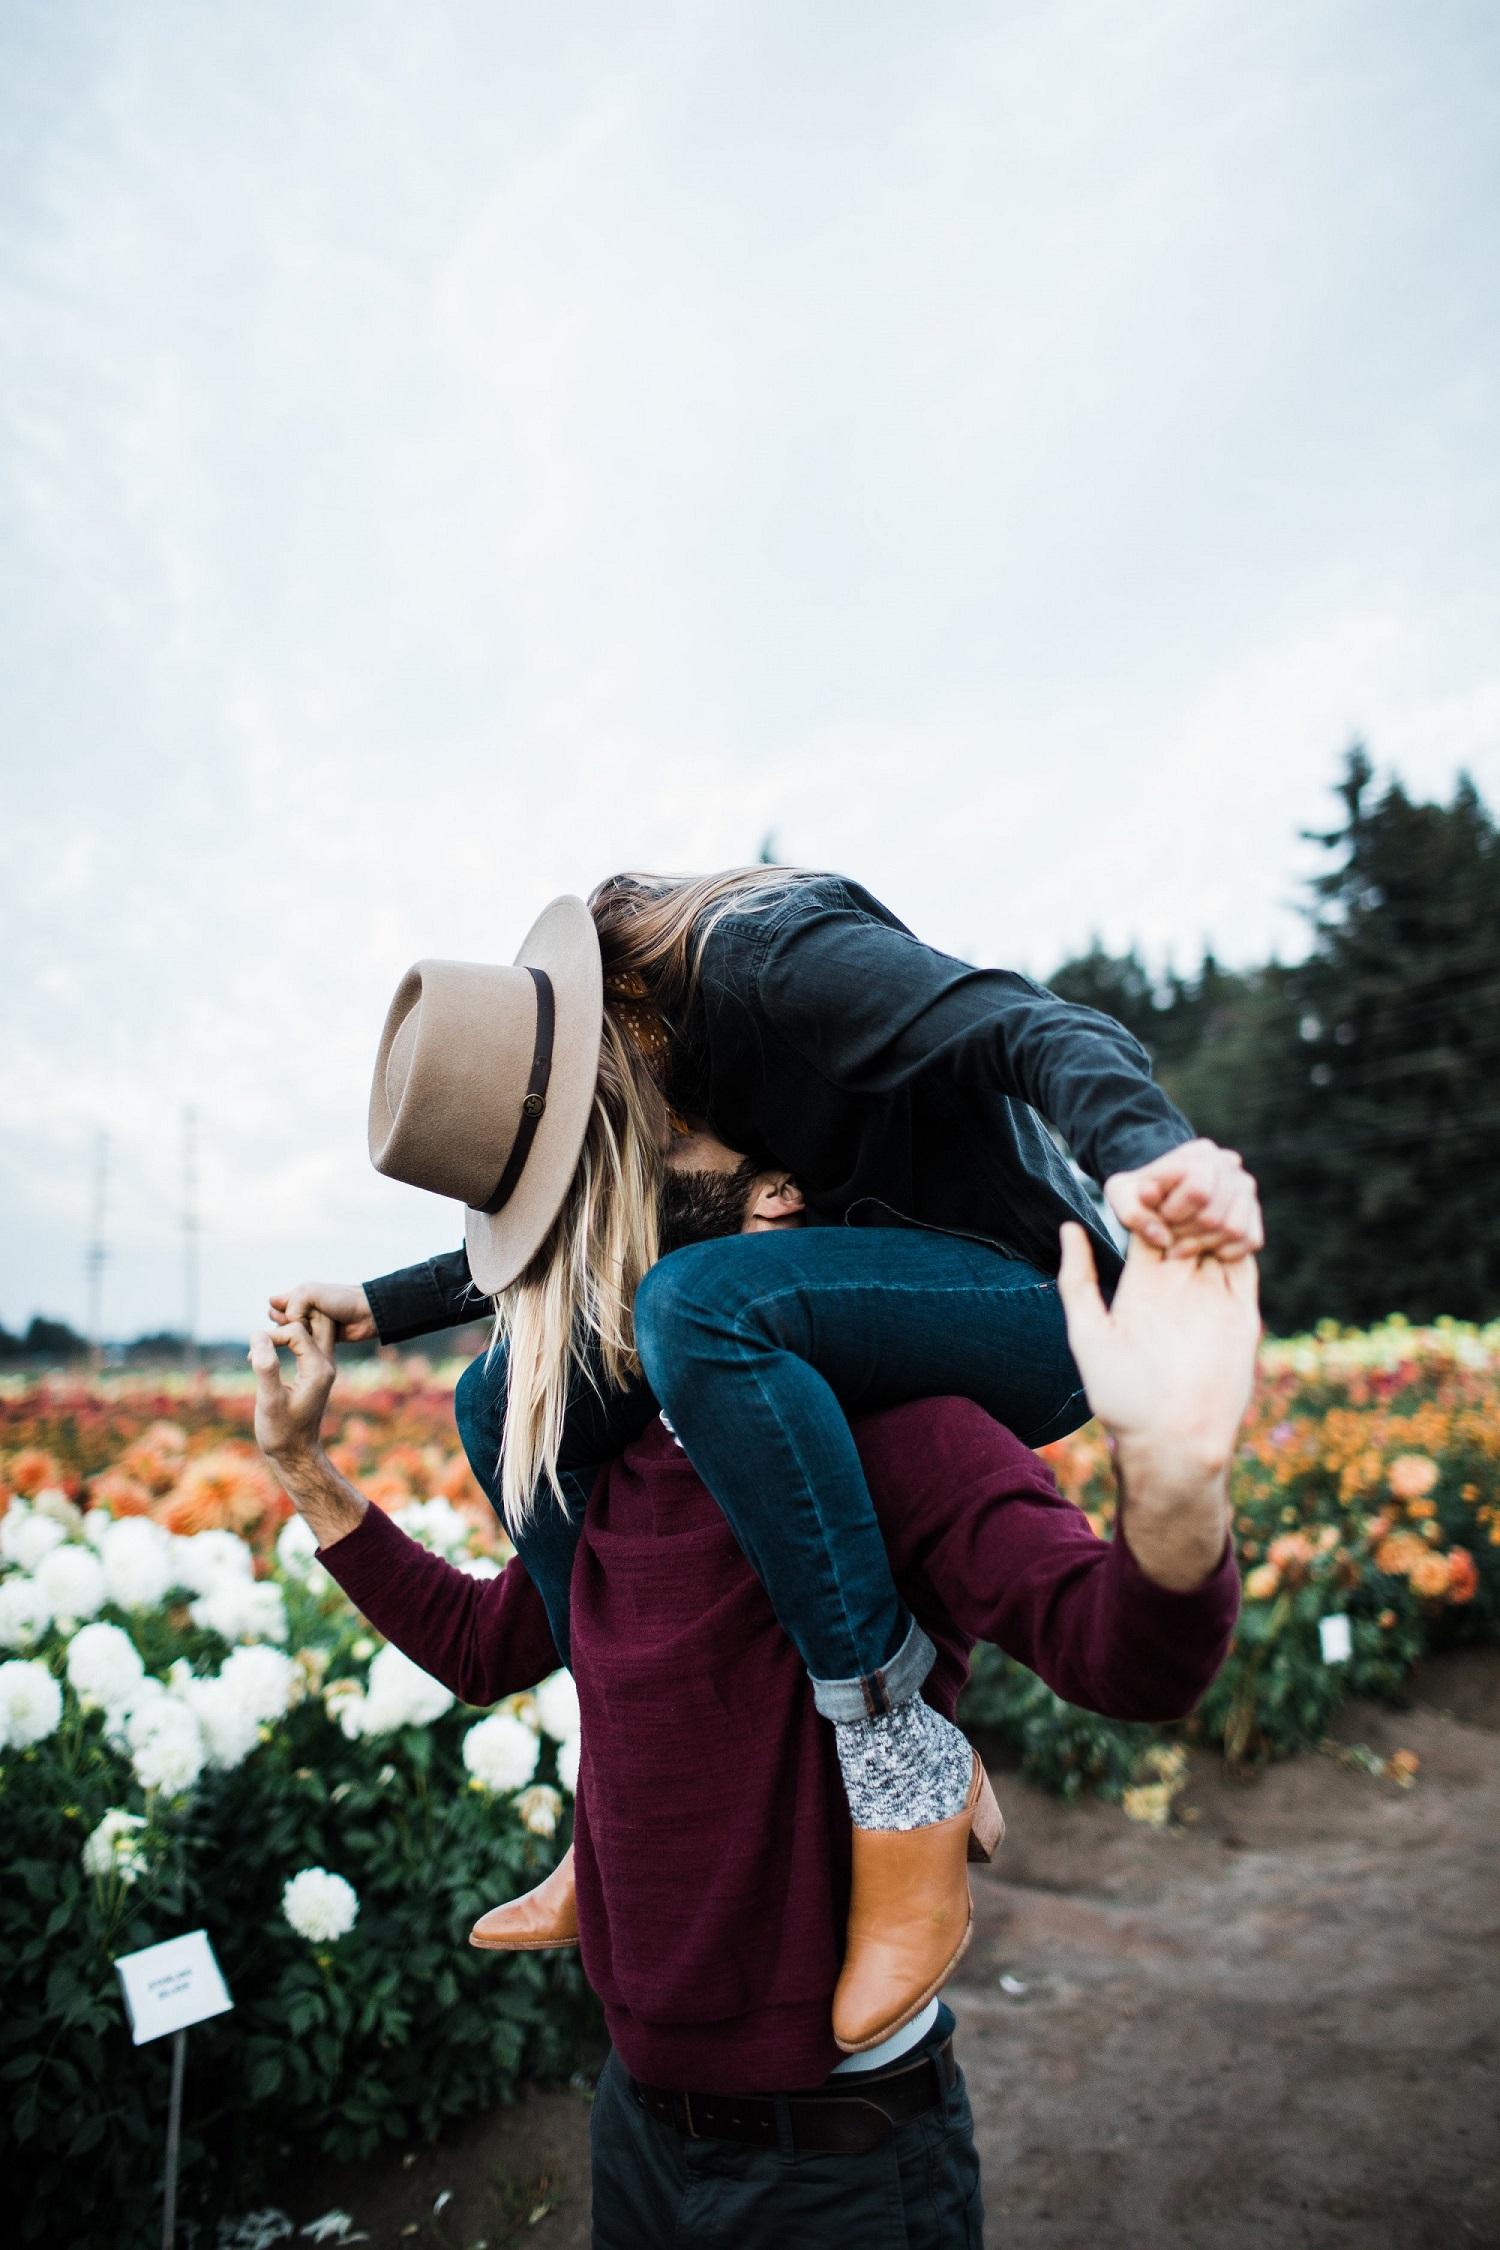 Romantische fotoshoot voor verloving